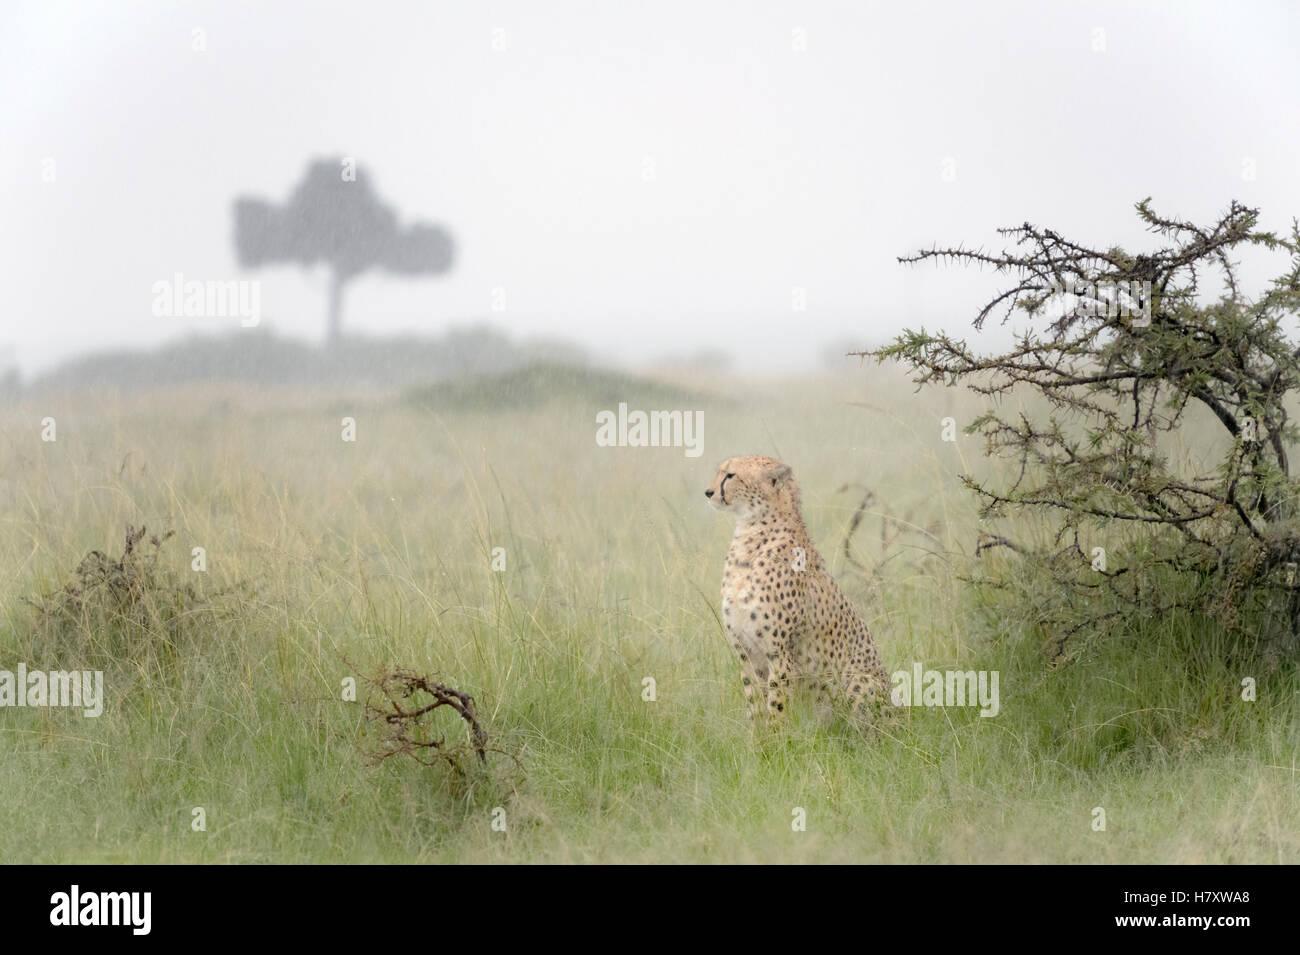 Guepardo (Acinonix jubatus) sentado en la sabana durante las lluvias, Reserva Nacional Maasai Mara, Kenia Imagen De Stock